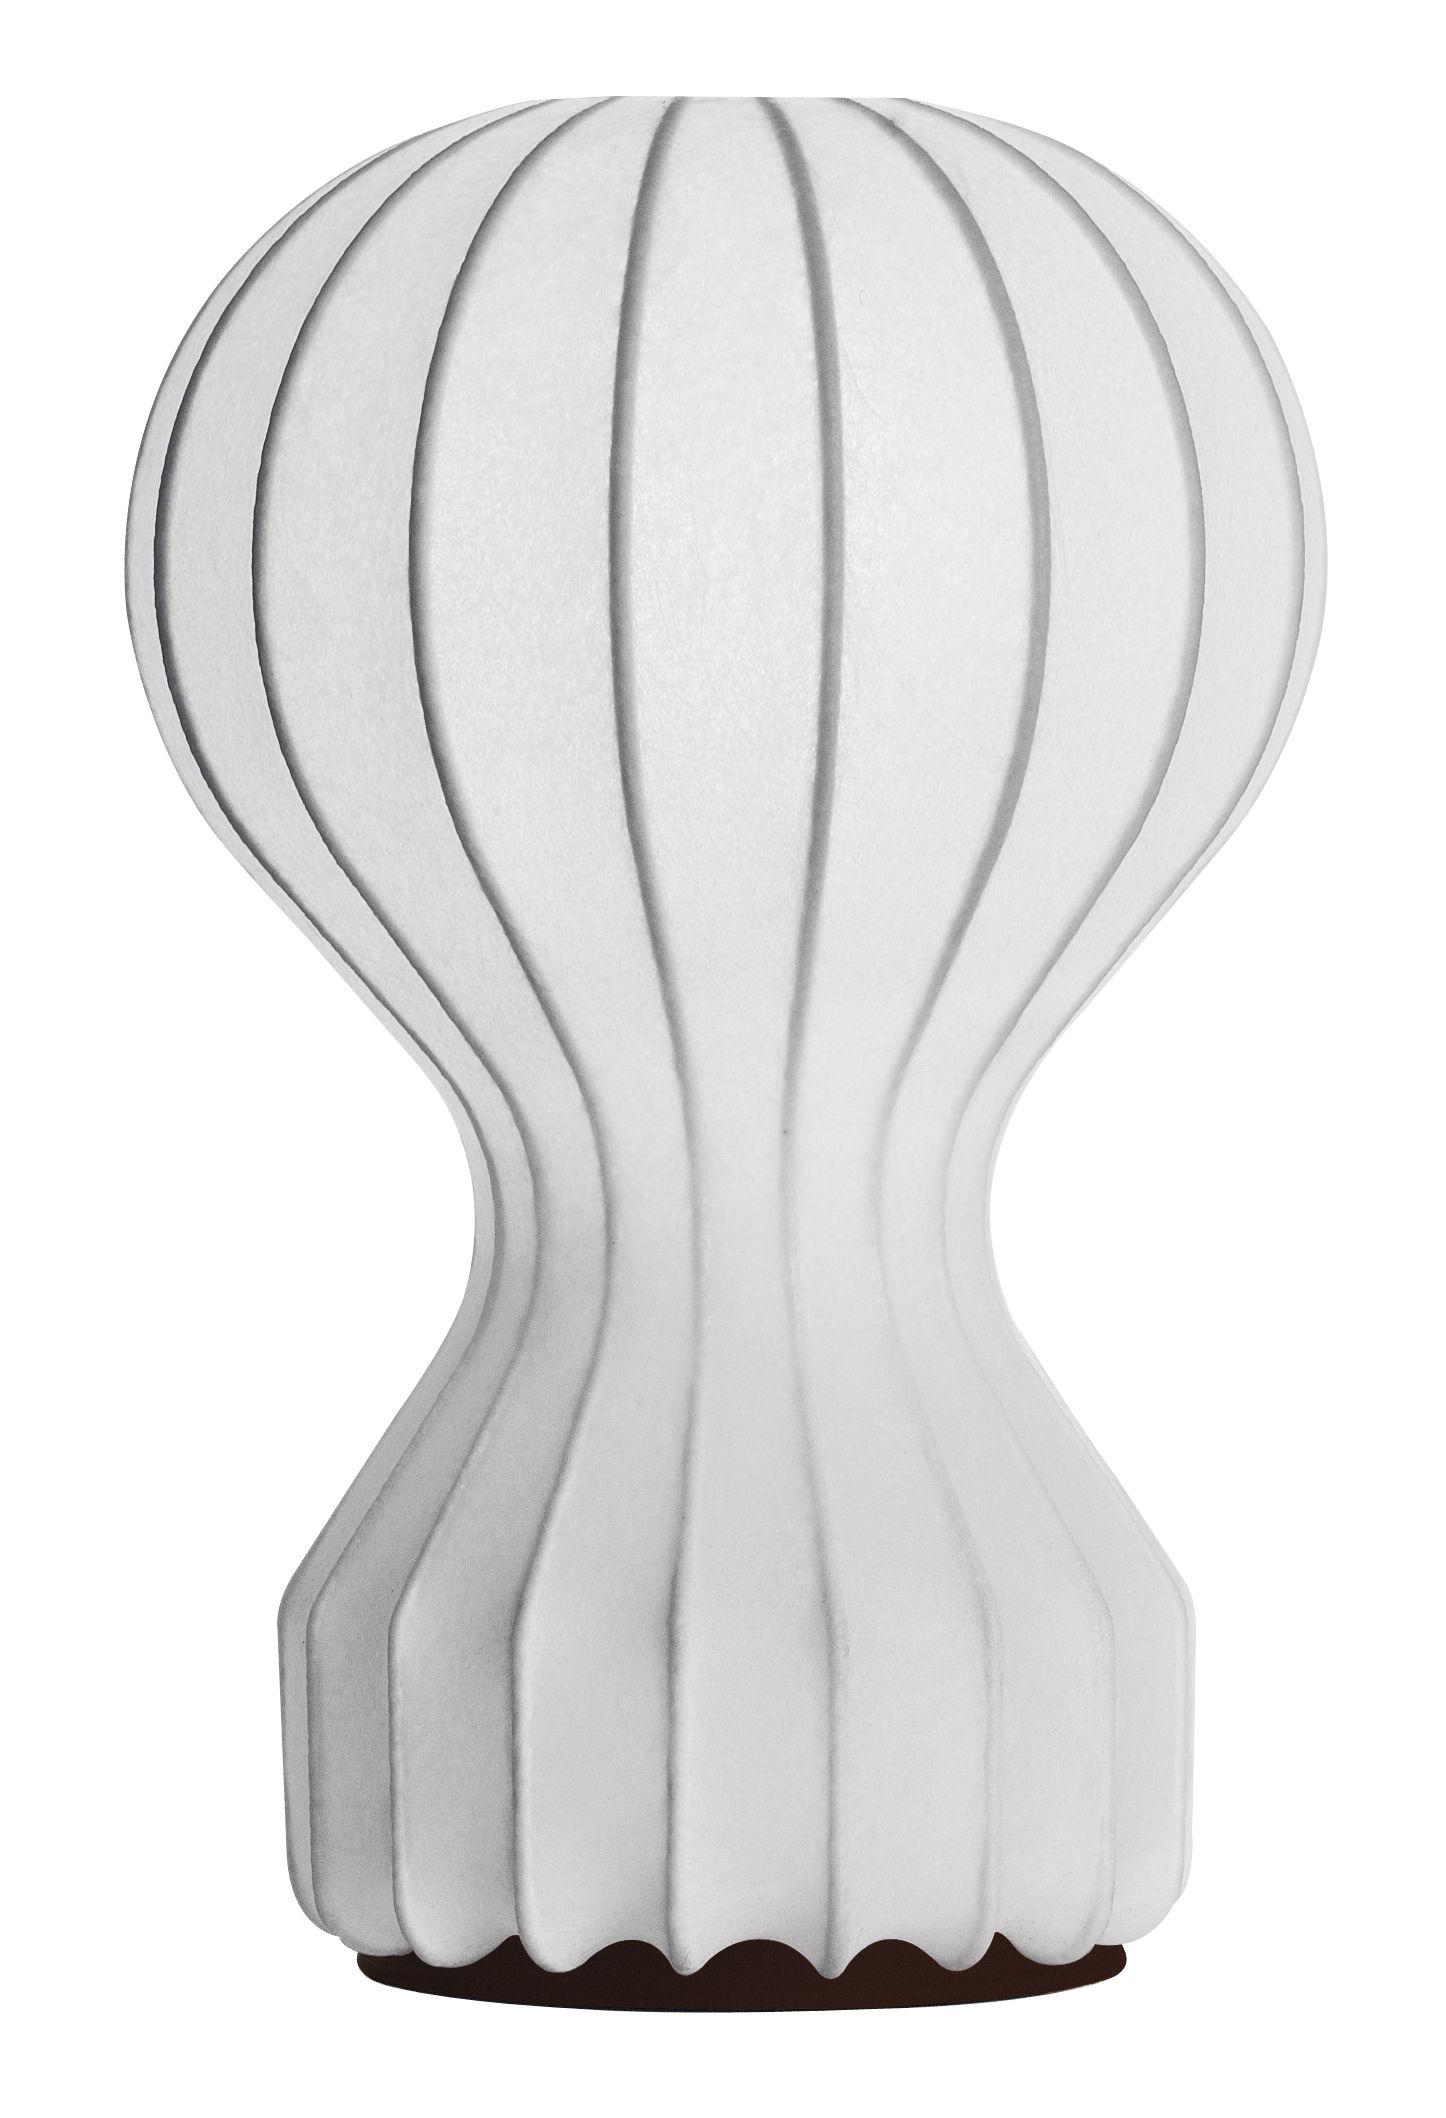 Luminaire - Lampes de table - Lampe de table Gatto Piccolo - Flos - Cocoon - Acier, Résine